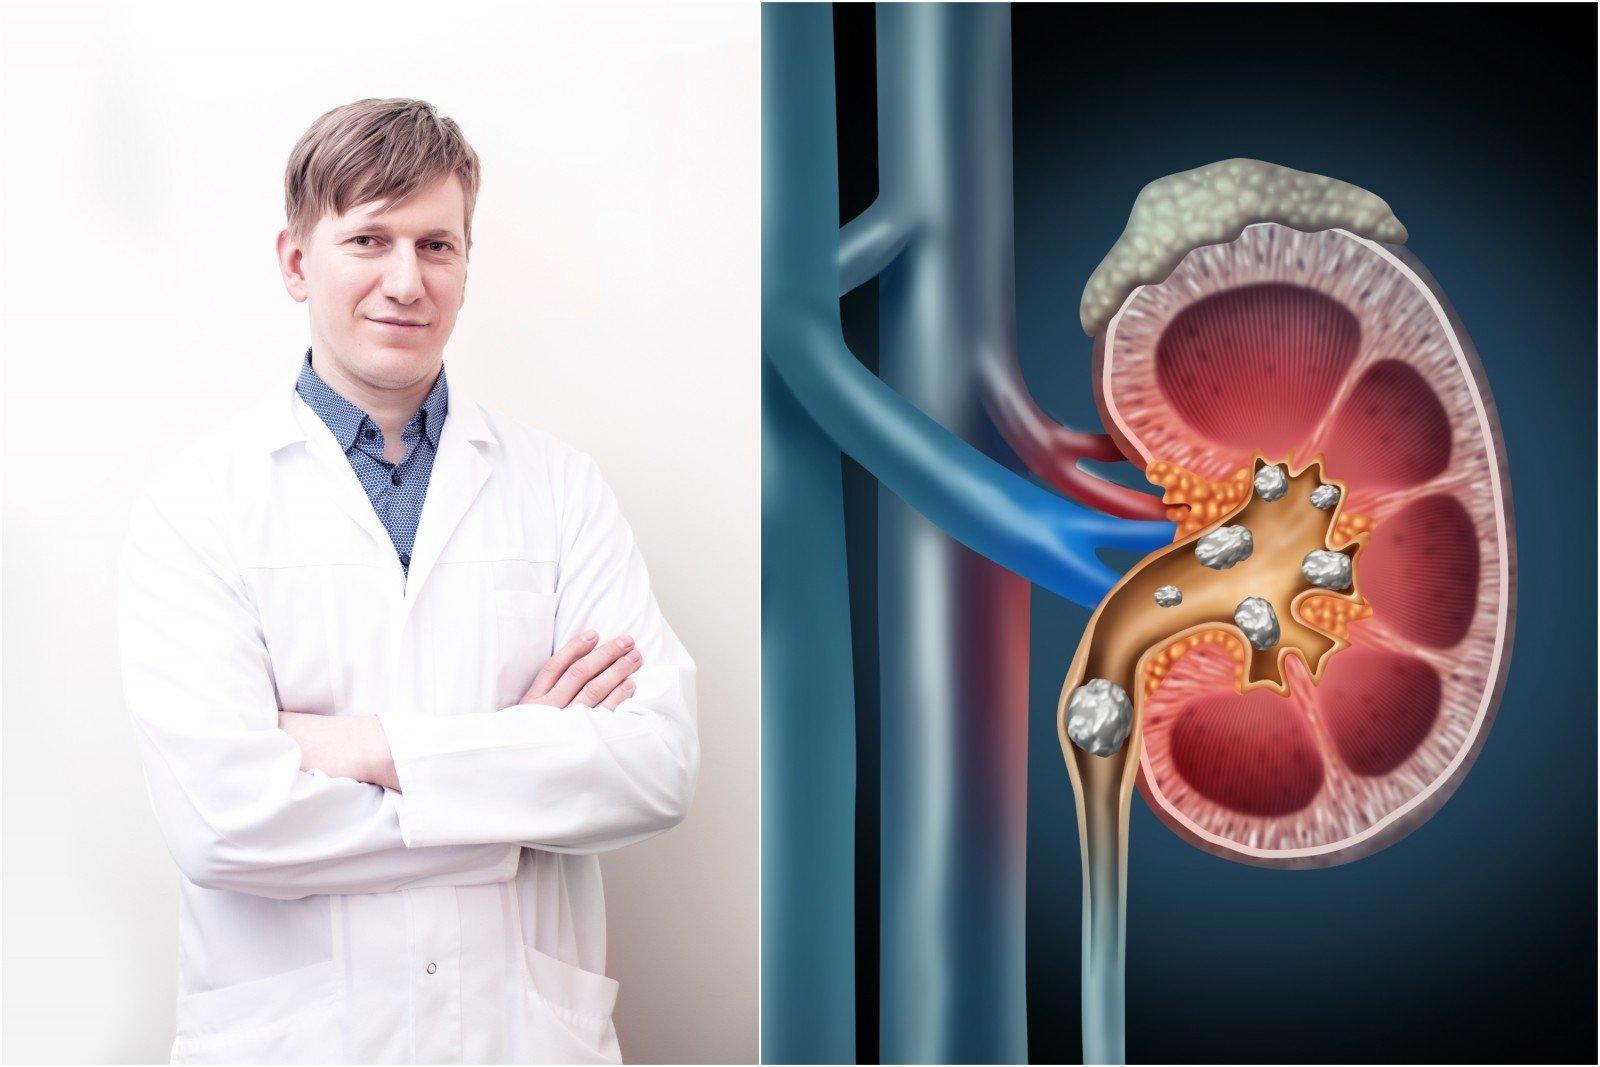 hipertenzija ir žmogaus sąmonė mialgija su hipertenzija